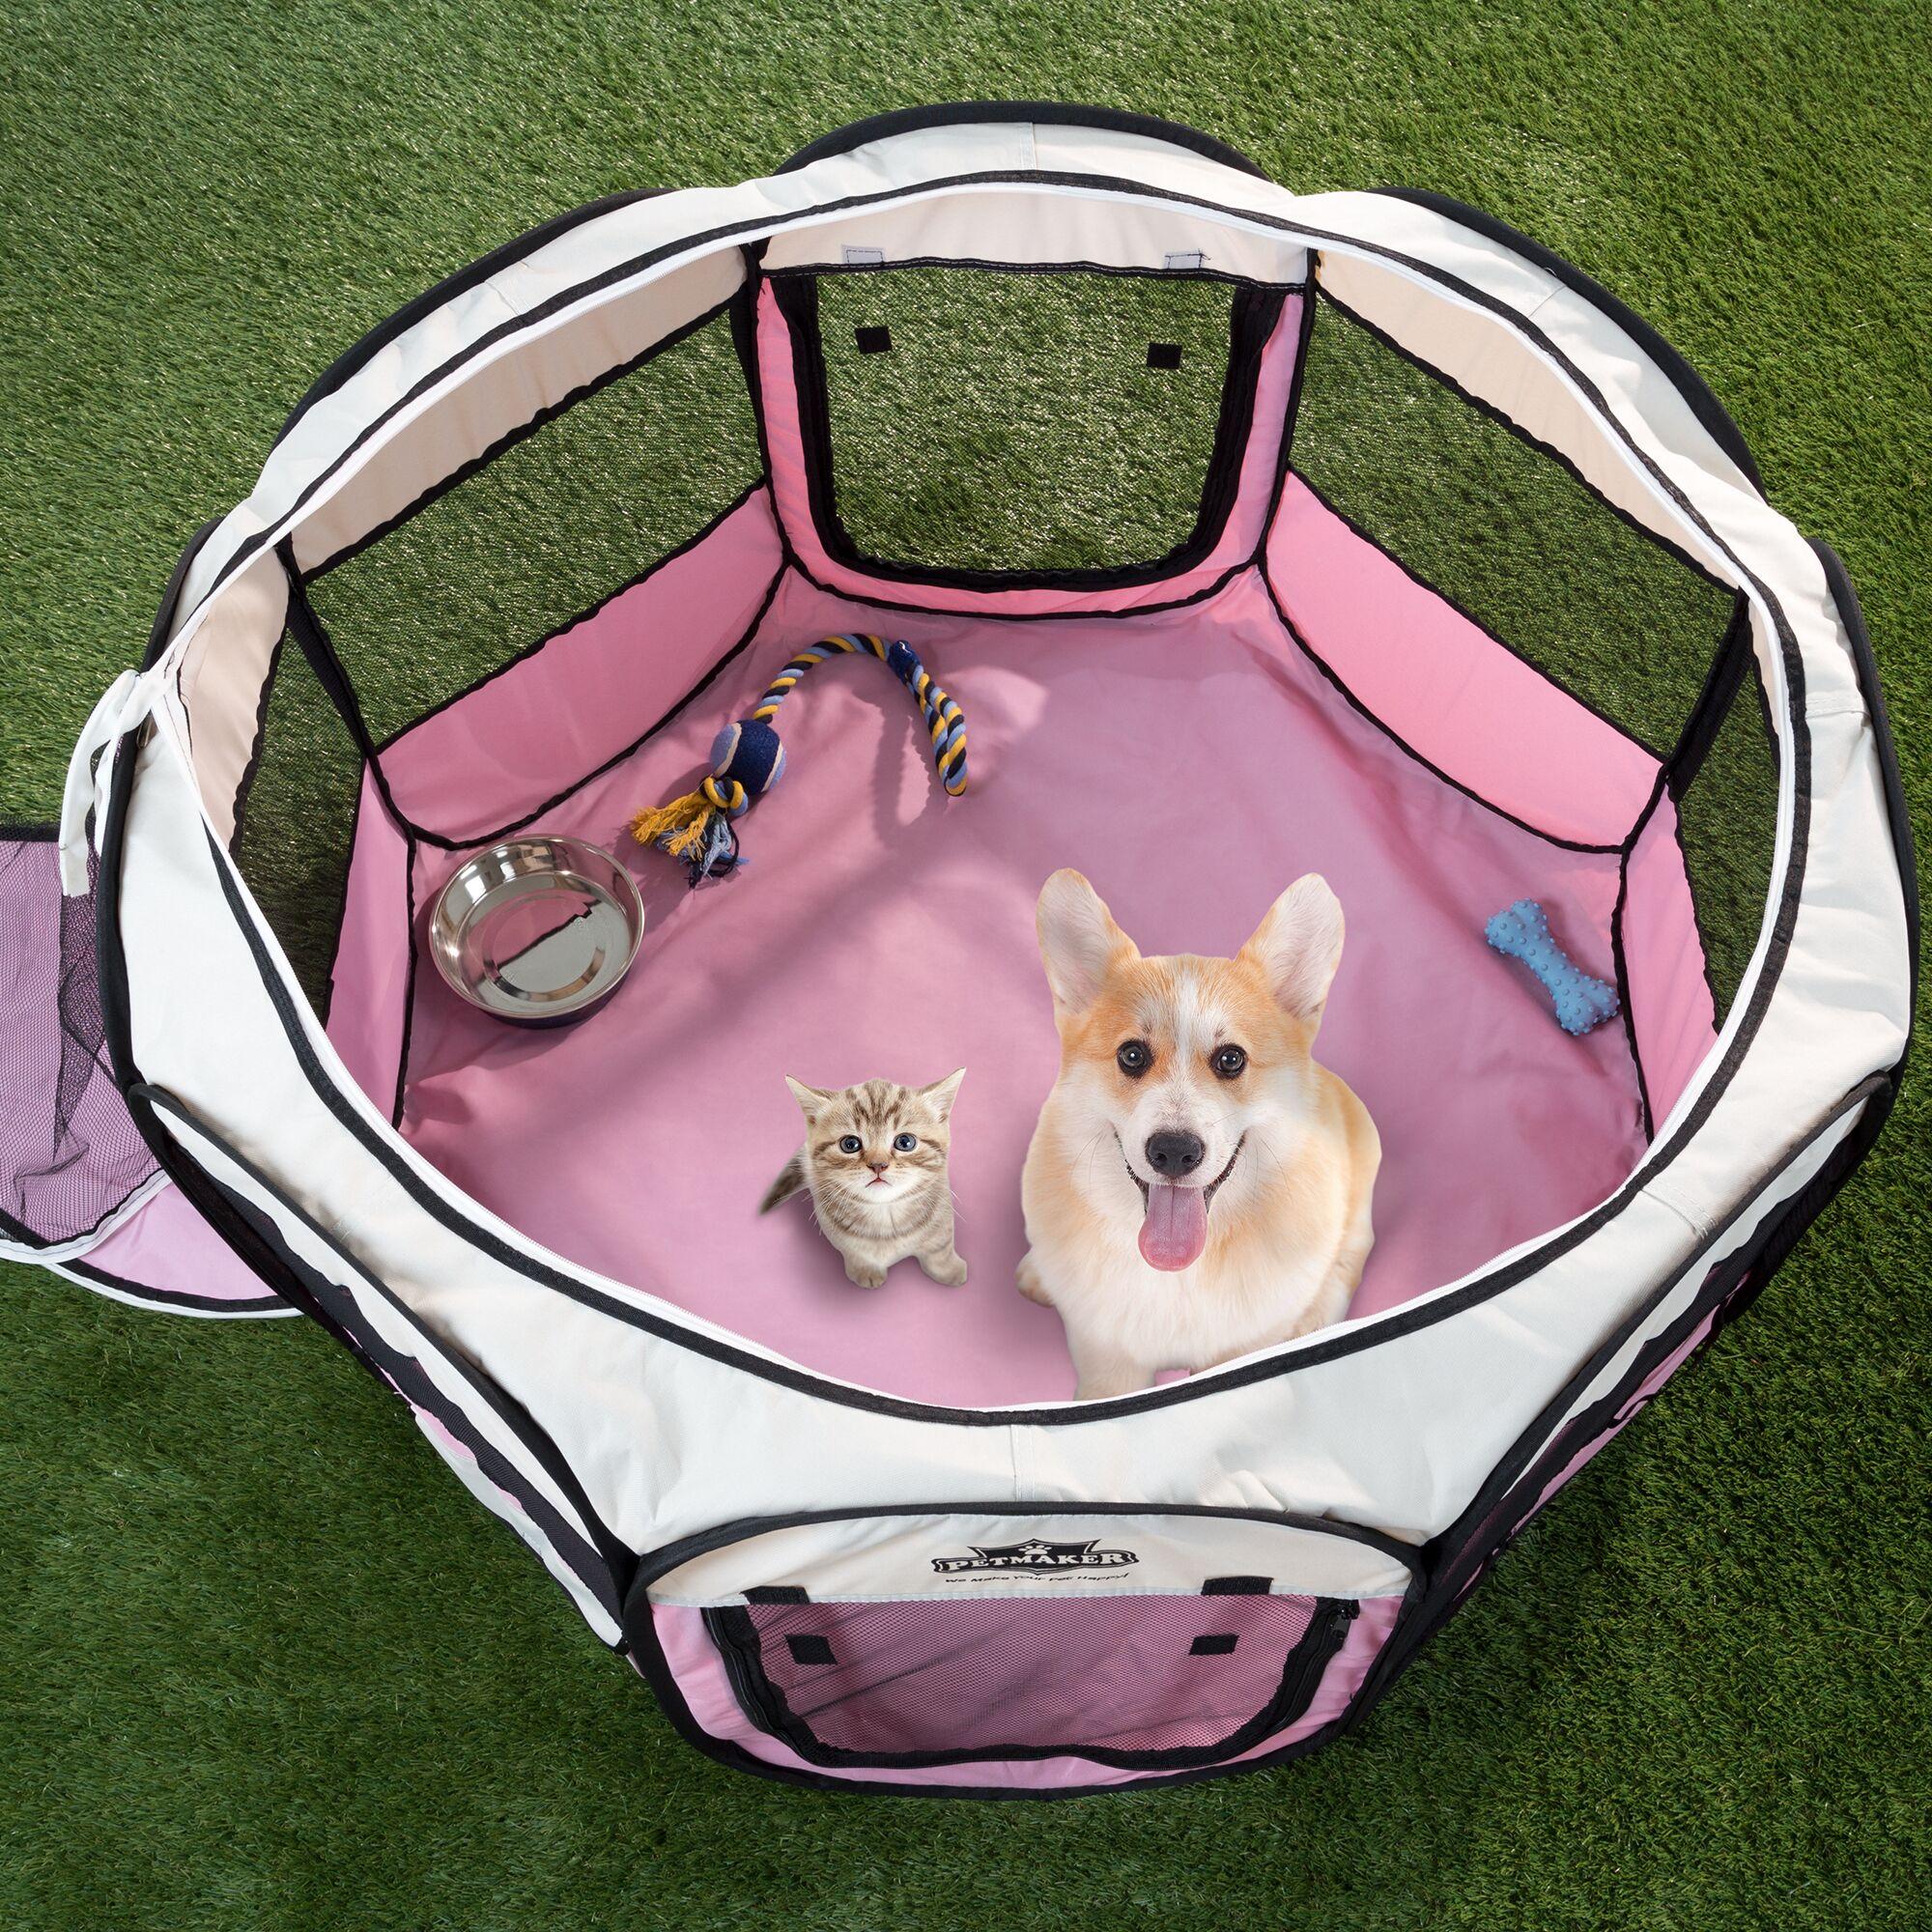 Portable Pop up Play Pet Pen Color: Pink, Size: 15.5